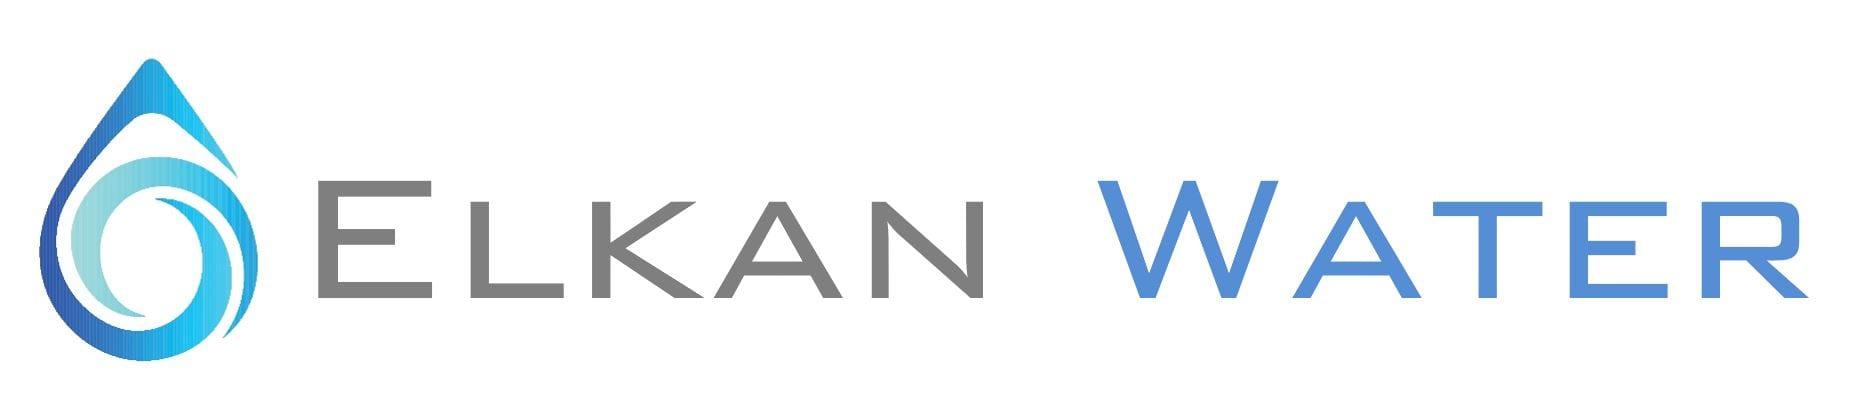 Elkan Water Logo